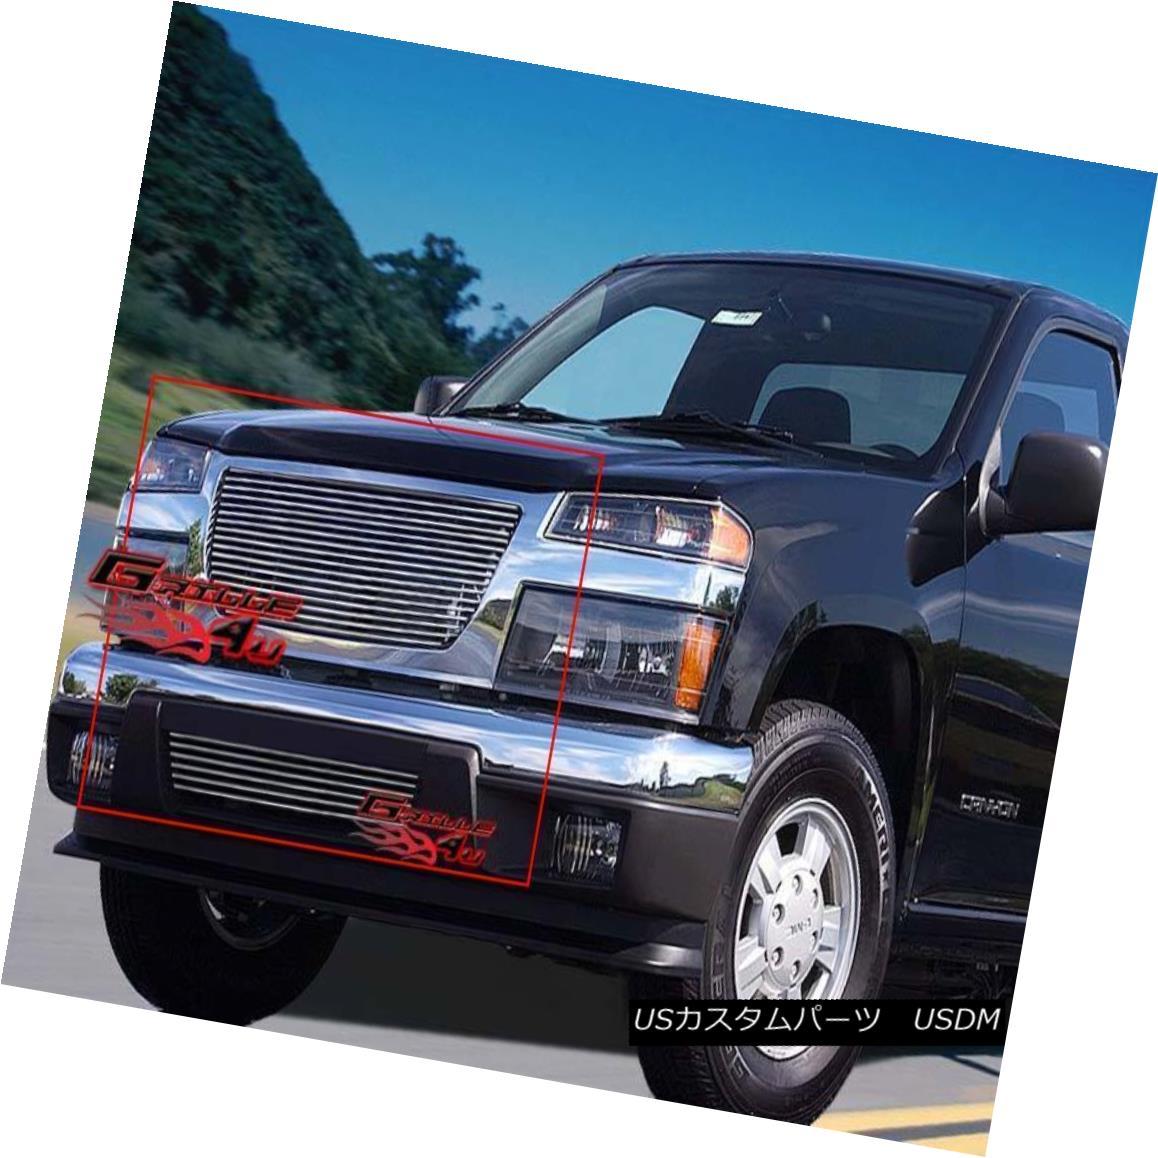 グリル Fits 04-11 2011 GMC Canyon Billet Grille Combo フィット04-11 2011 GMCキャニオンビレットグリルコンボ